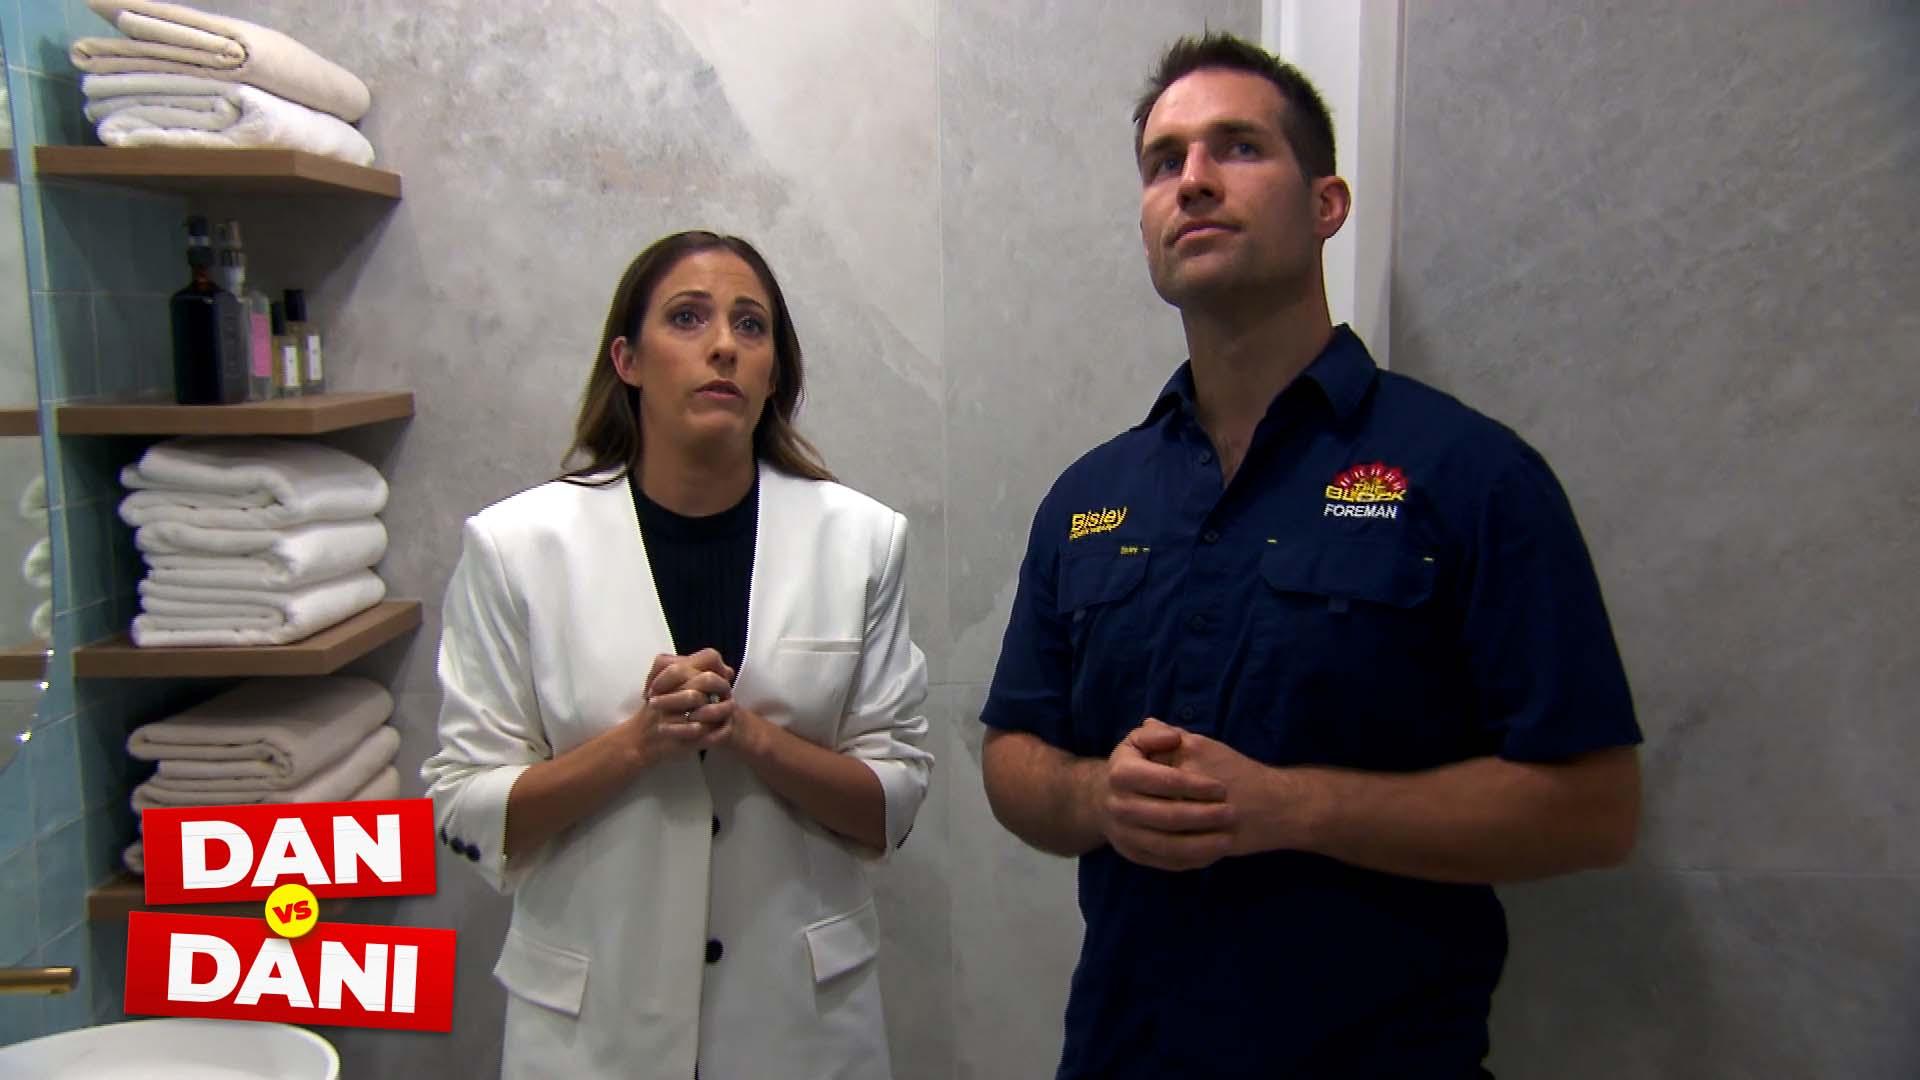 Dan vs Dani: Dani slams 'disgusting' feature of team's room